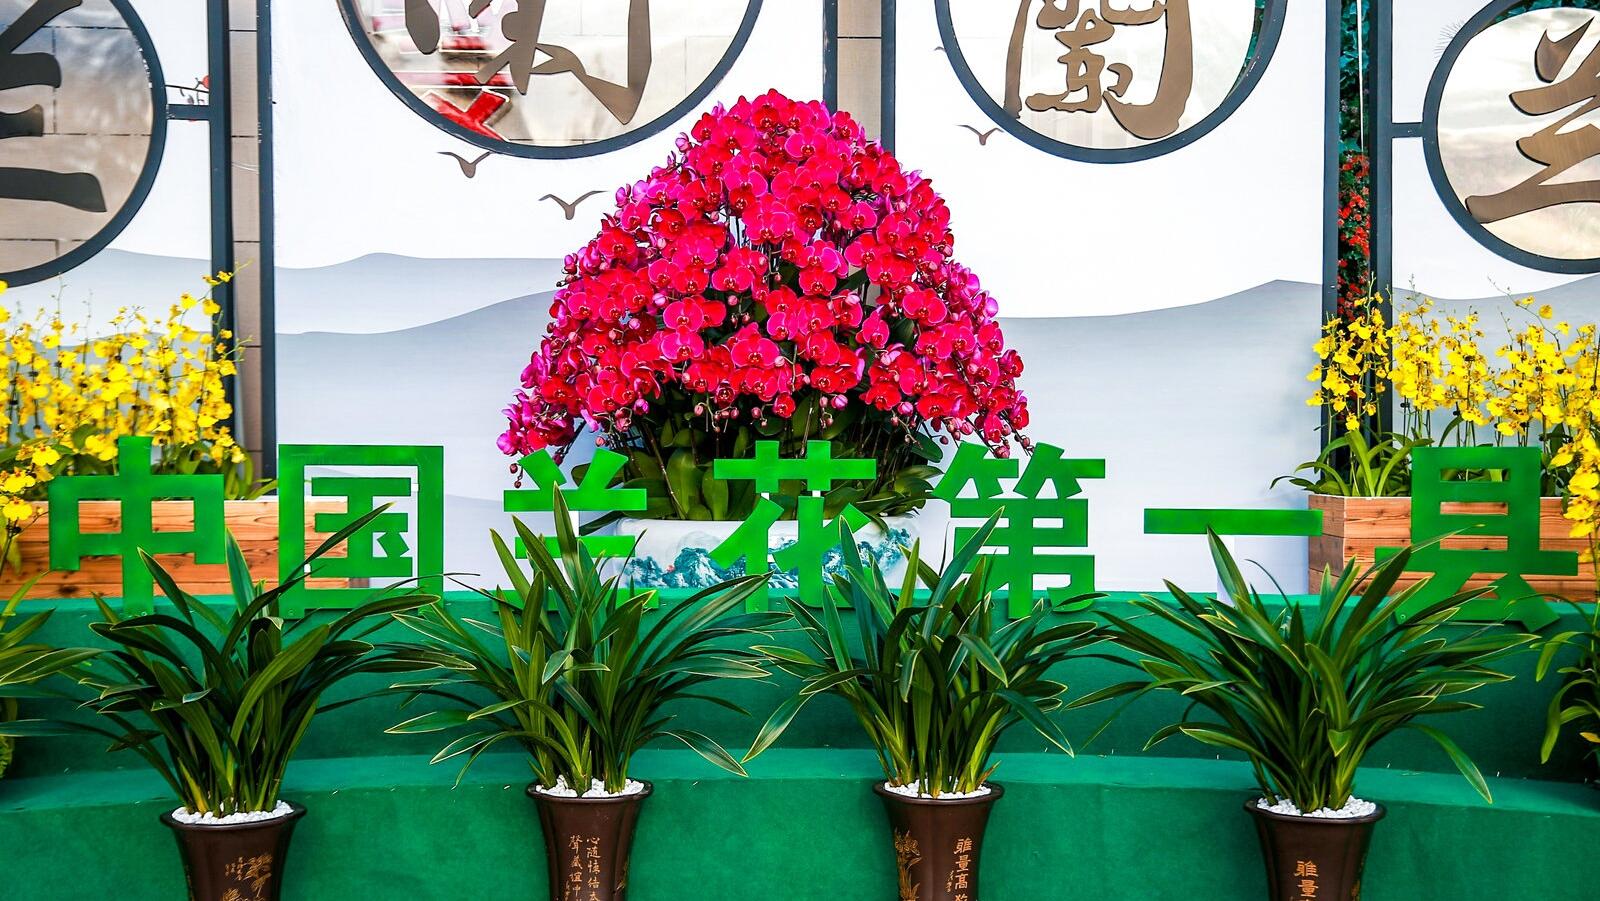 韶关翁源丰收节瓜果飘香兰花韵美还有超多客家美食(图7)